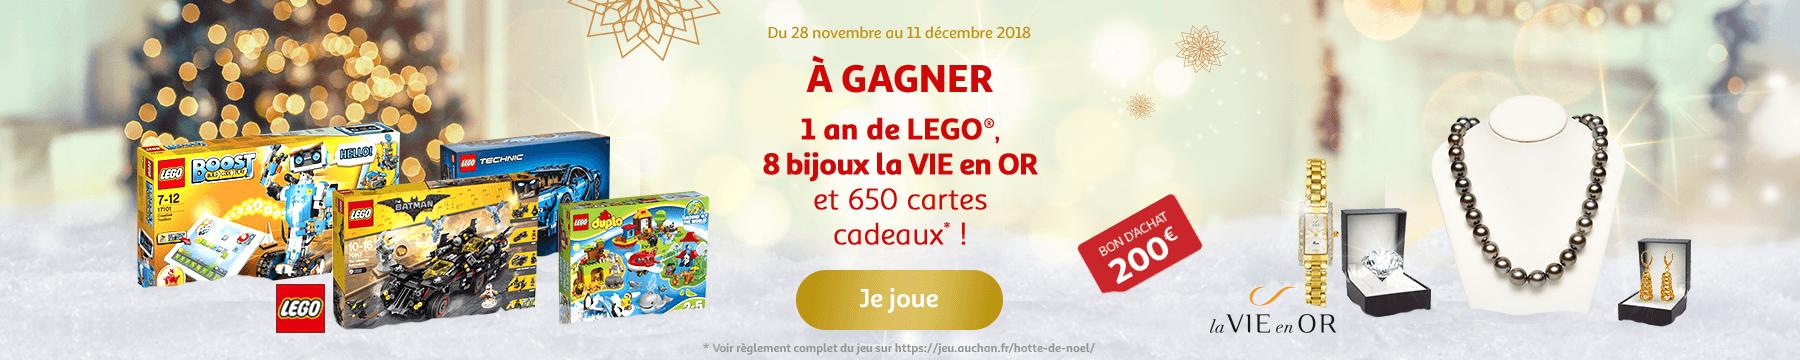 Grand Jeu Auchan - A gagner 1 an de LEGO